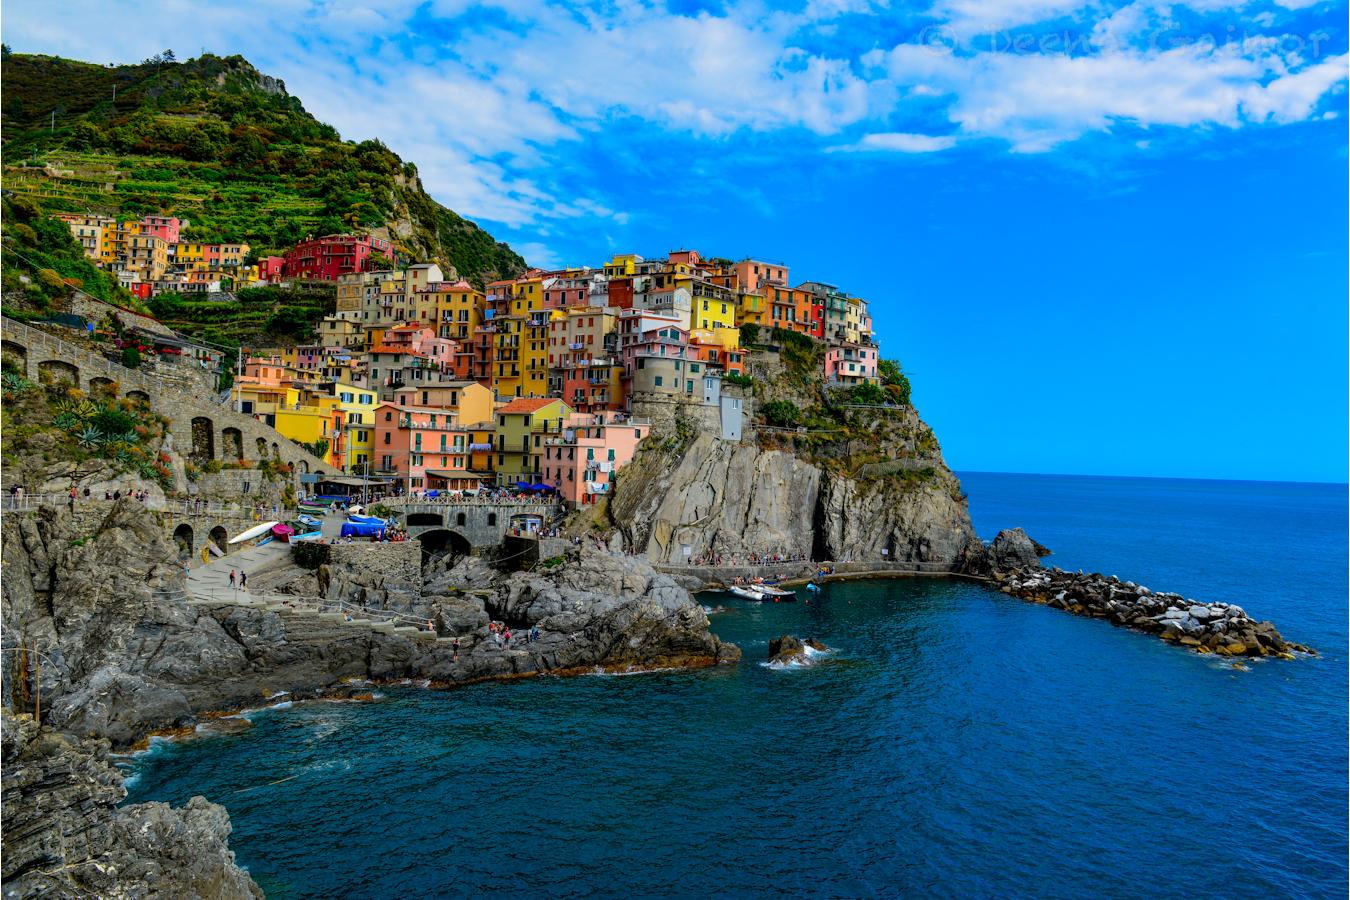 RTW Italy Cinque Terre 1 wm.jpg